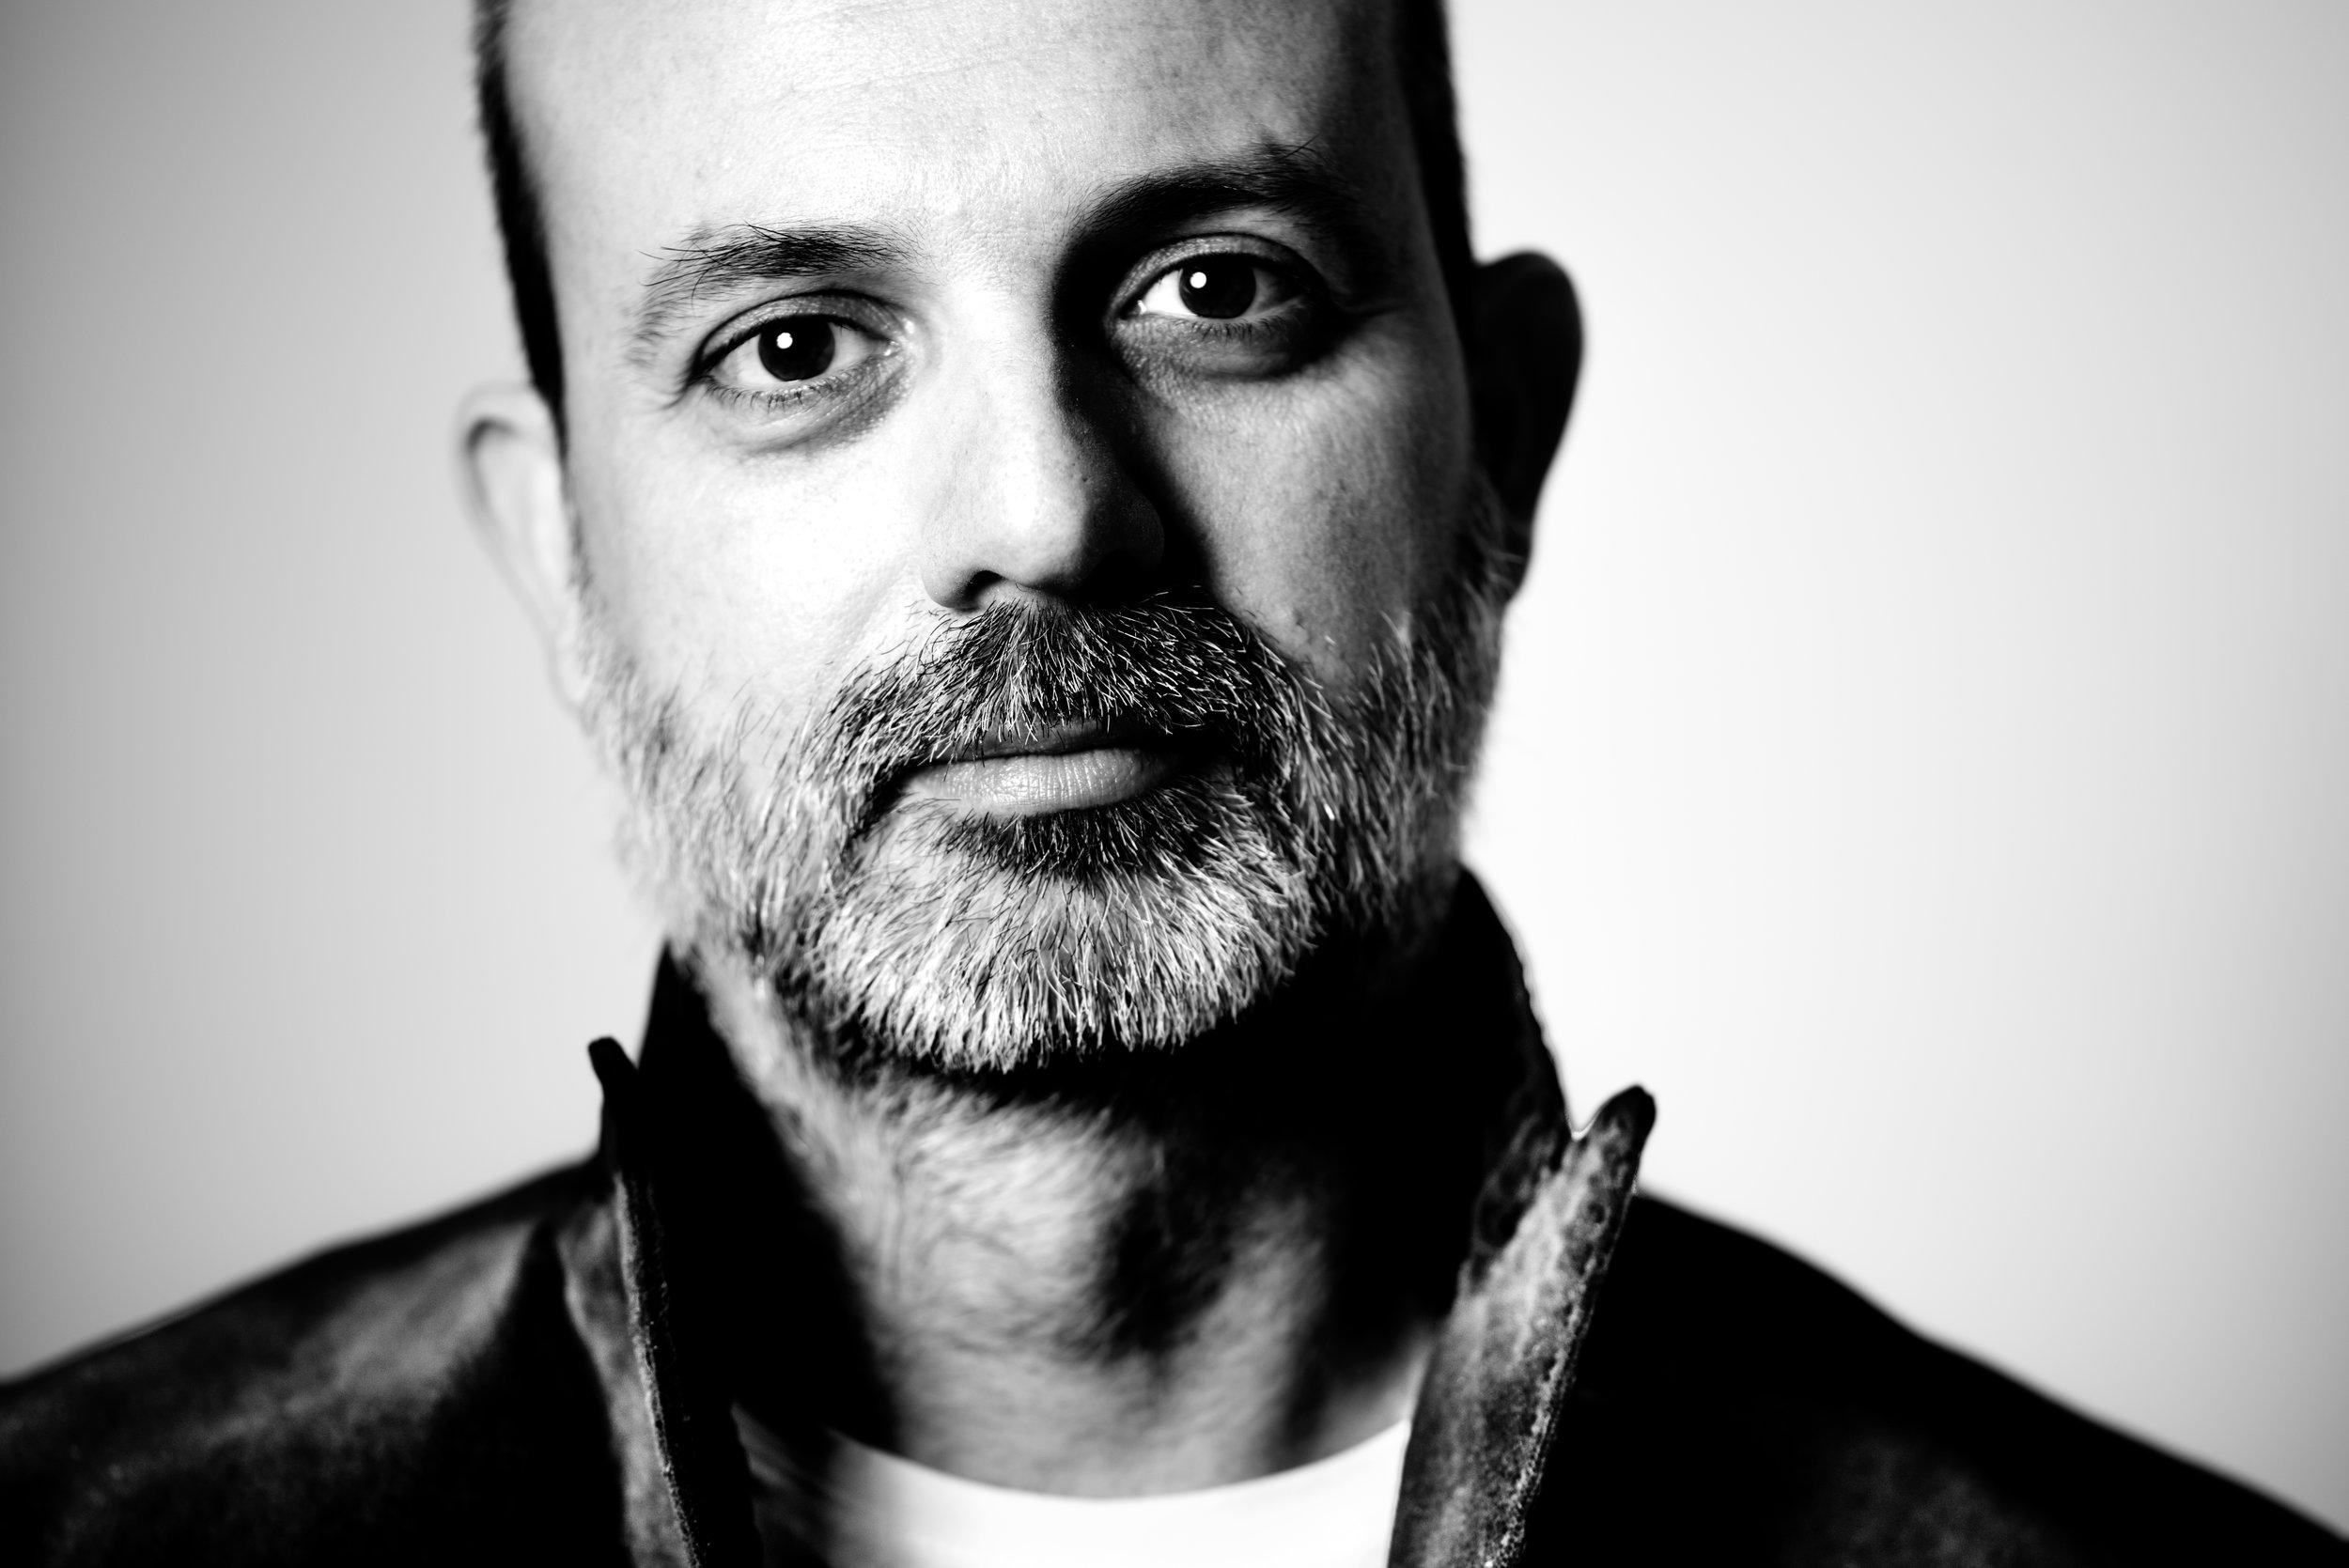 12.04.18 - Fabrizio Paterlini1.jpg